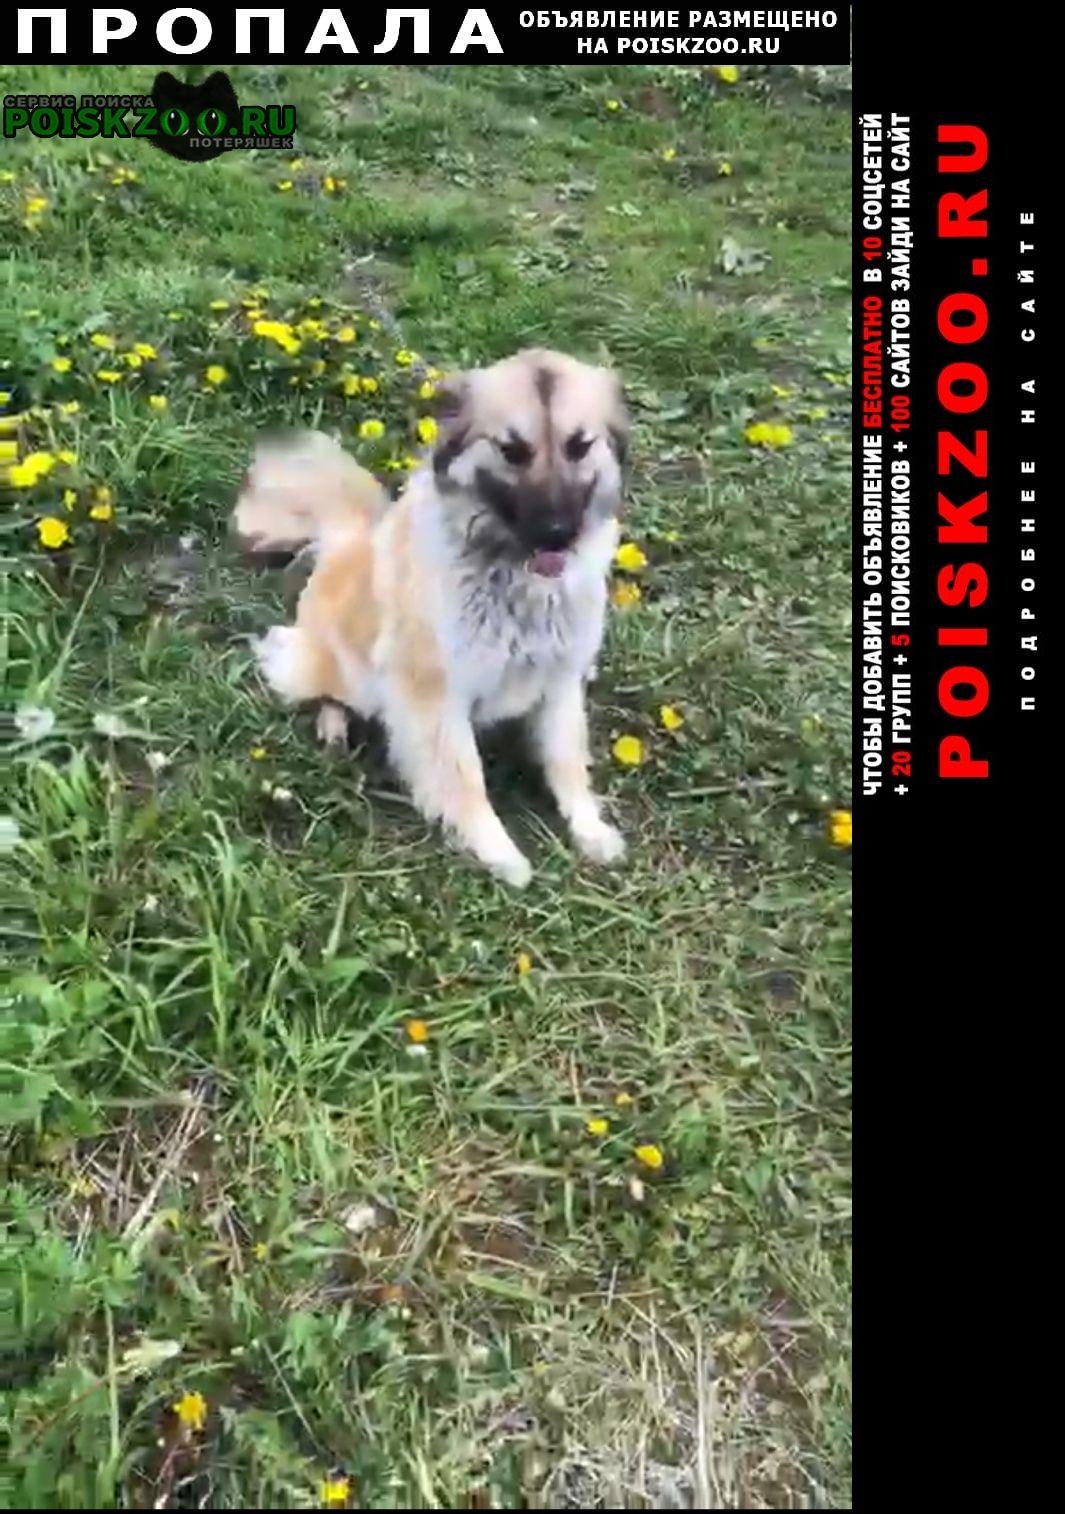 Пропала собака рыжая улыбчивая дворняжка Черноголовка